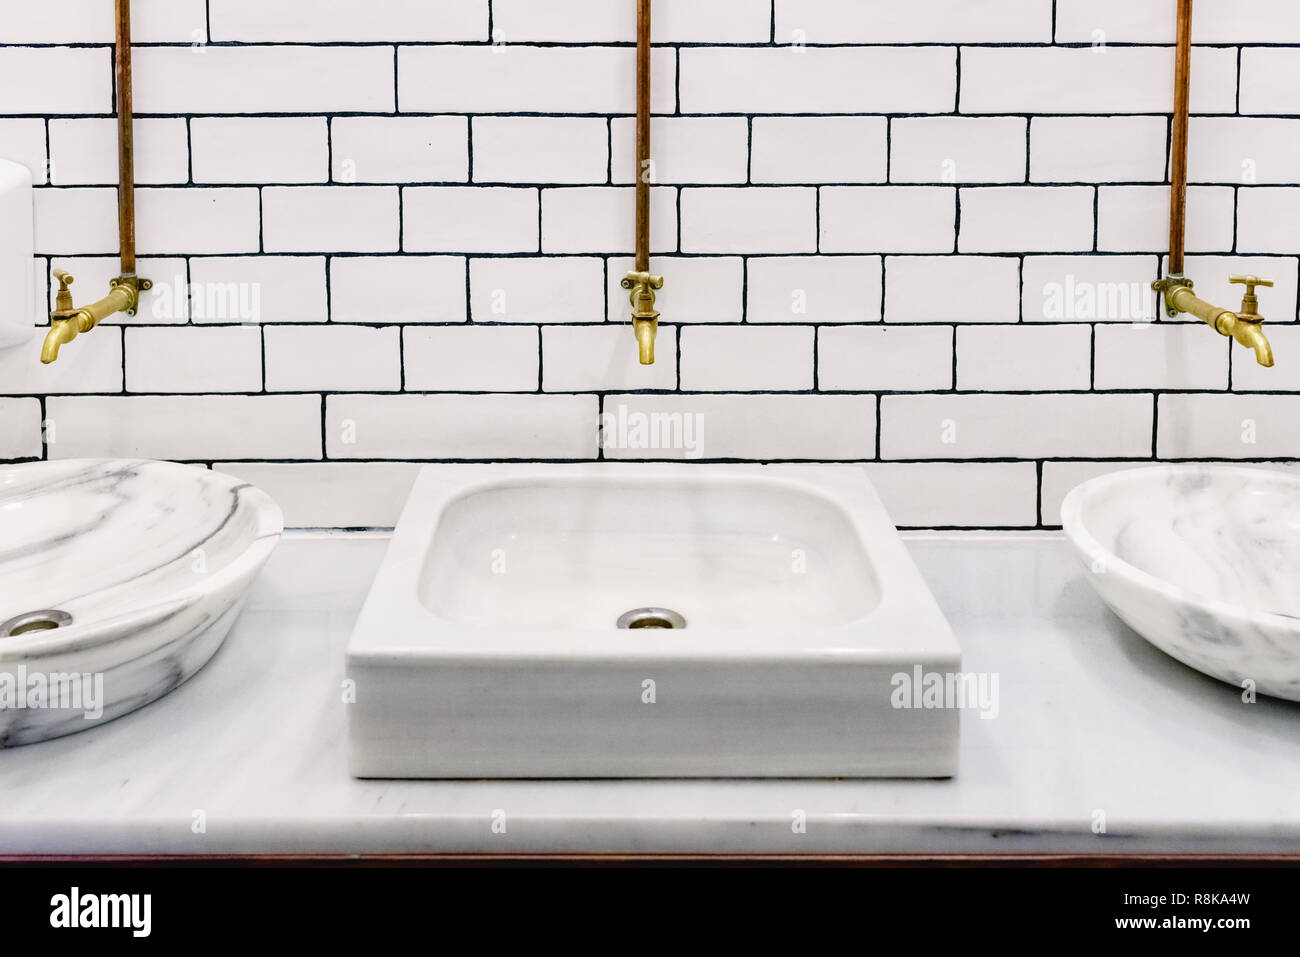 Lavabo En Marbre Dans Une Toilette Publique Avec Retro Golden Dun